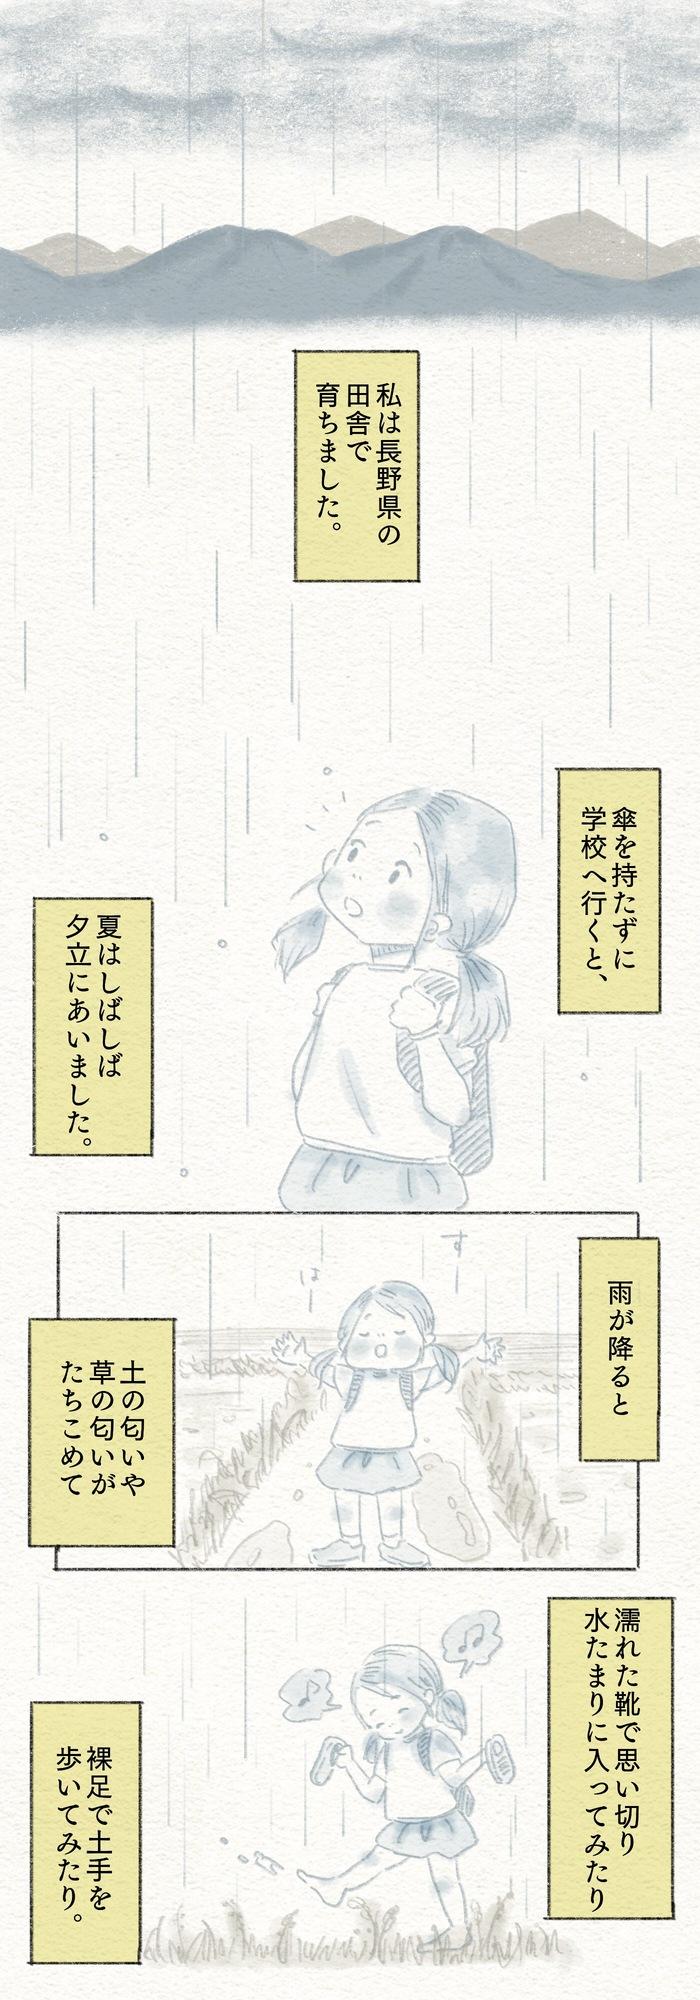 子供にとって「雨の日」は特別。思いっきり濡れて、今だけの思い出を作ろう!の画像1